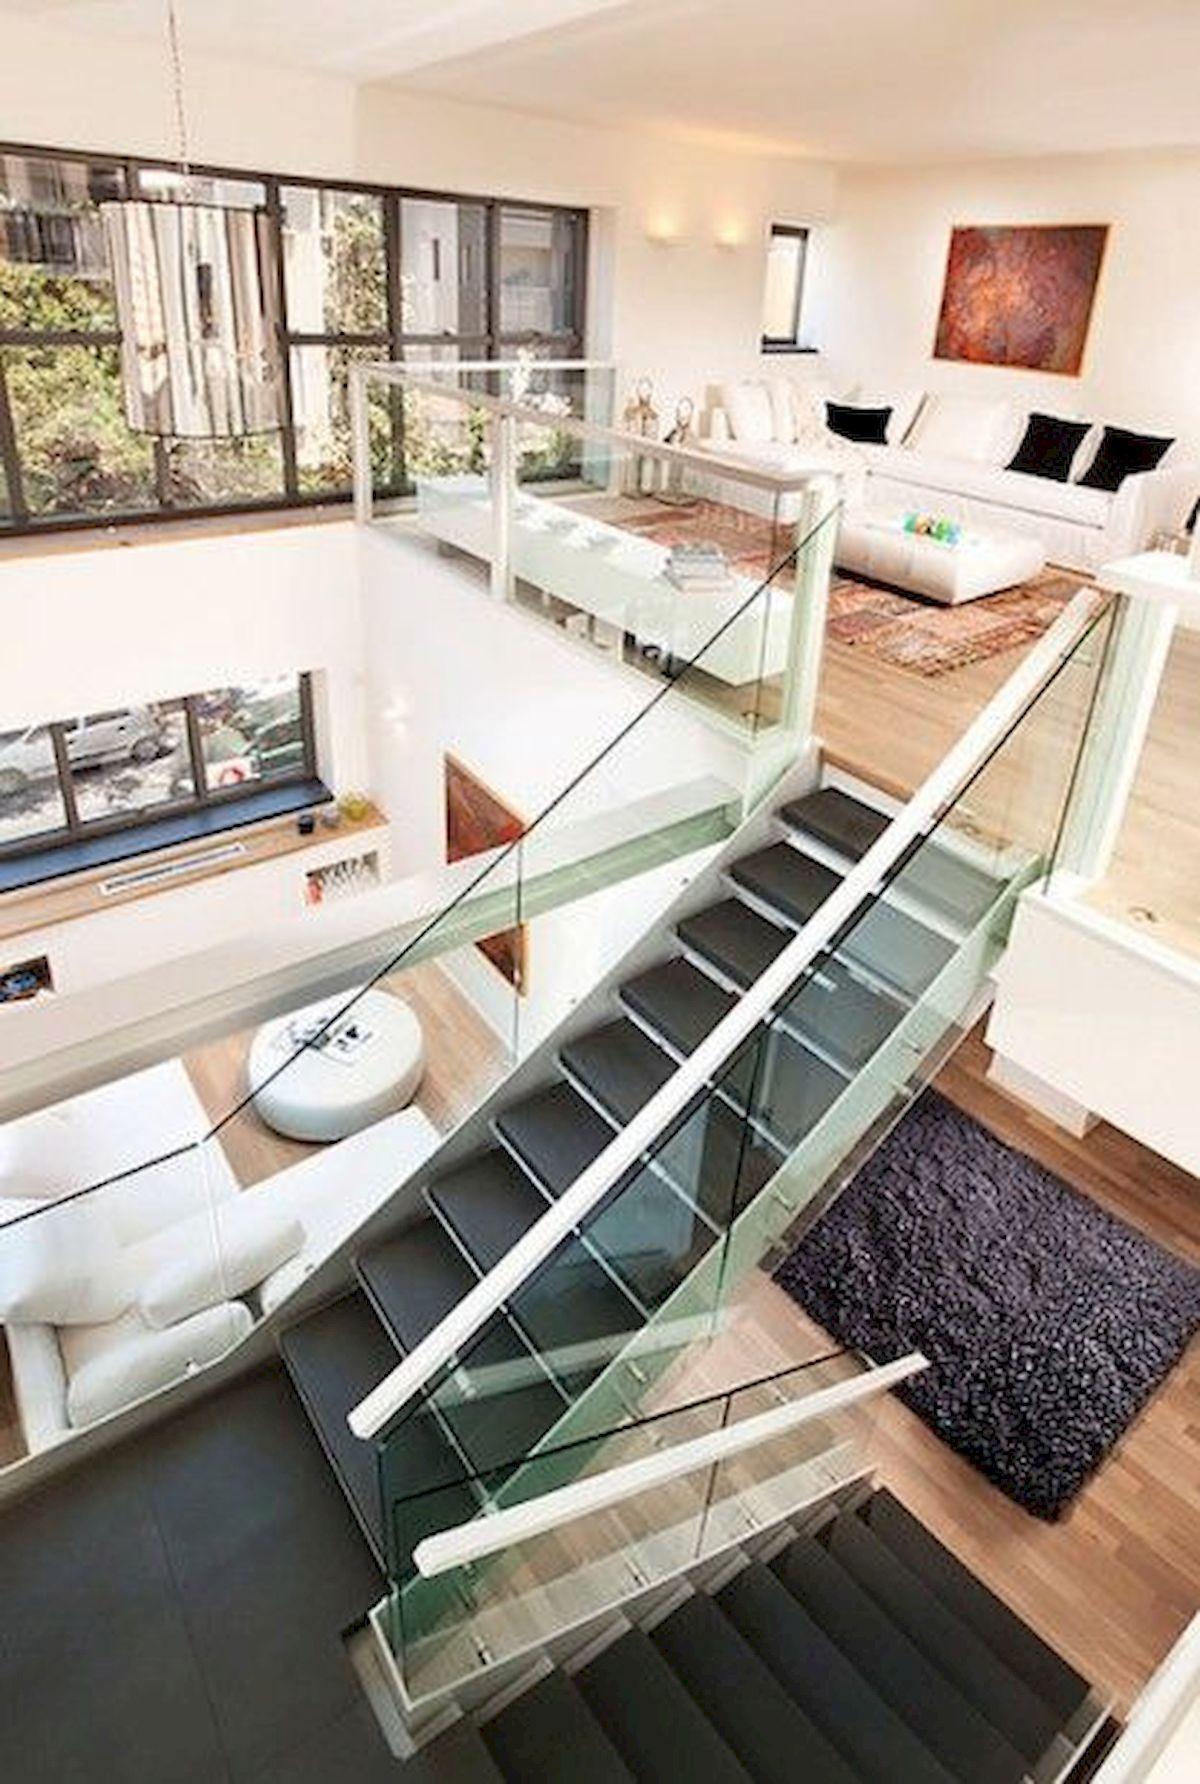 40 Rustic Studio Apartment Decor Ideas 7